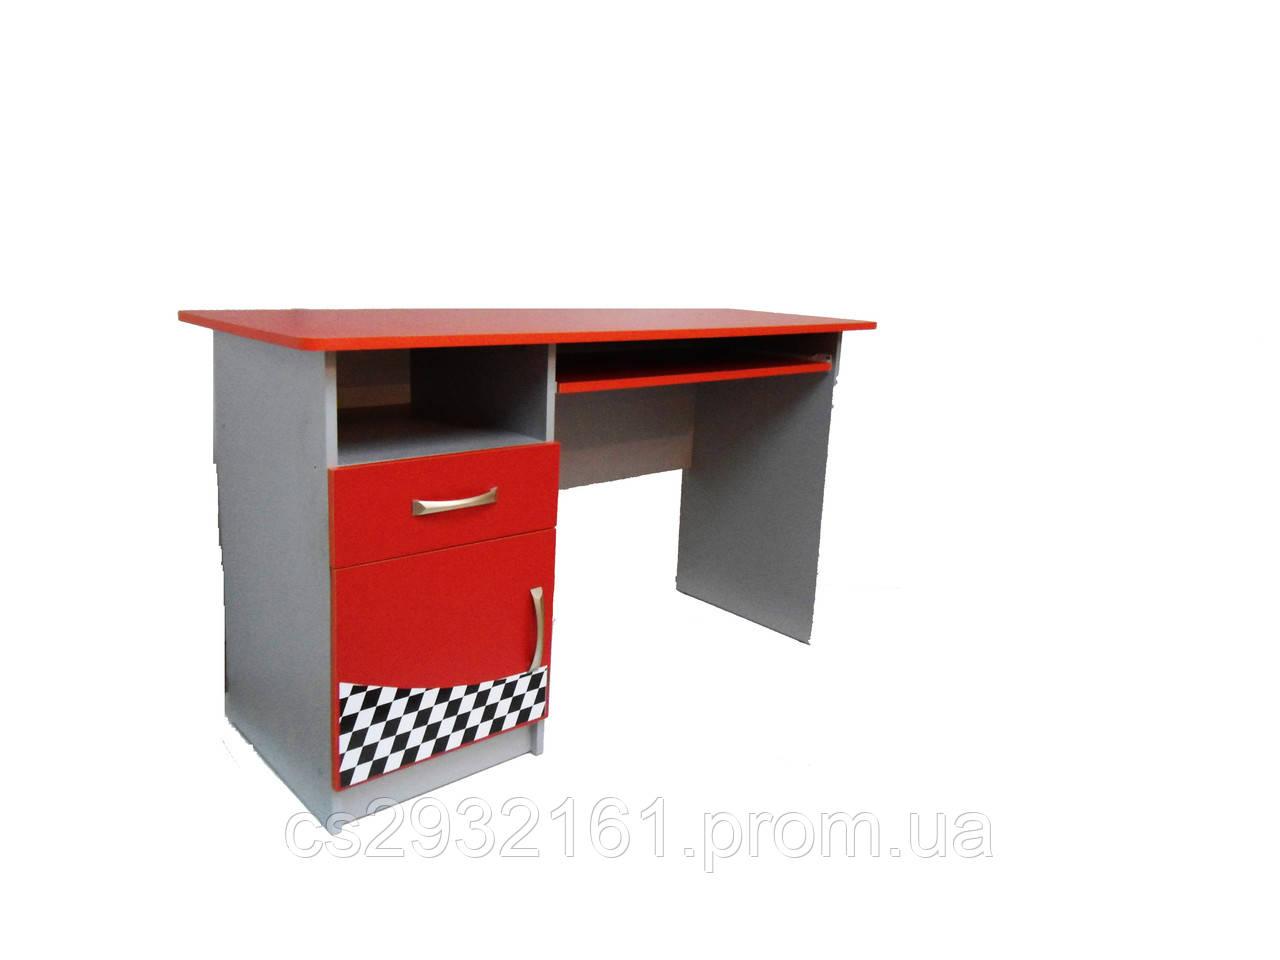 Стол компьютерный серия Forsage, письменный стол, стол для ребенка, стол для школьника